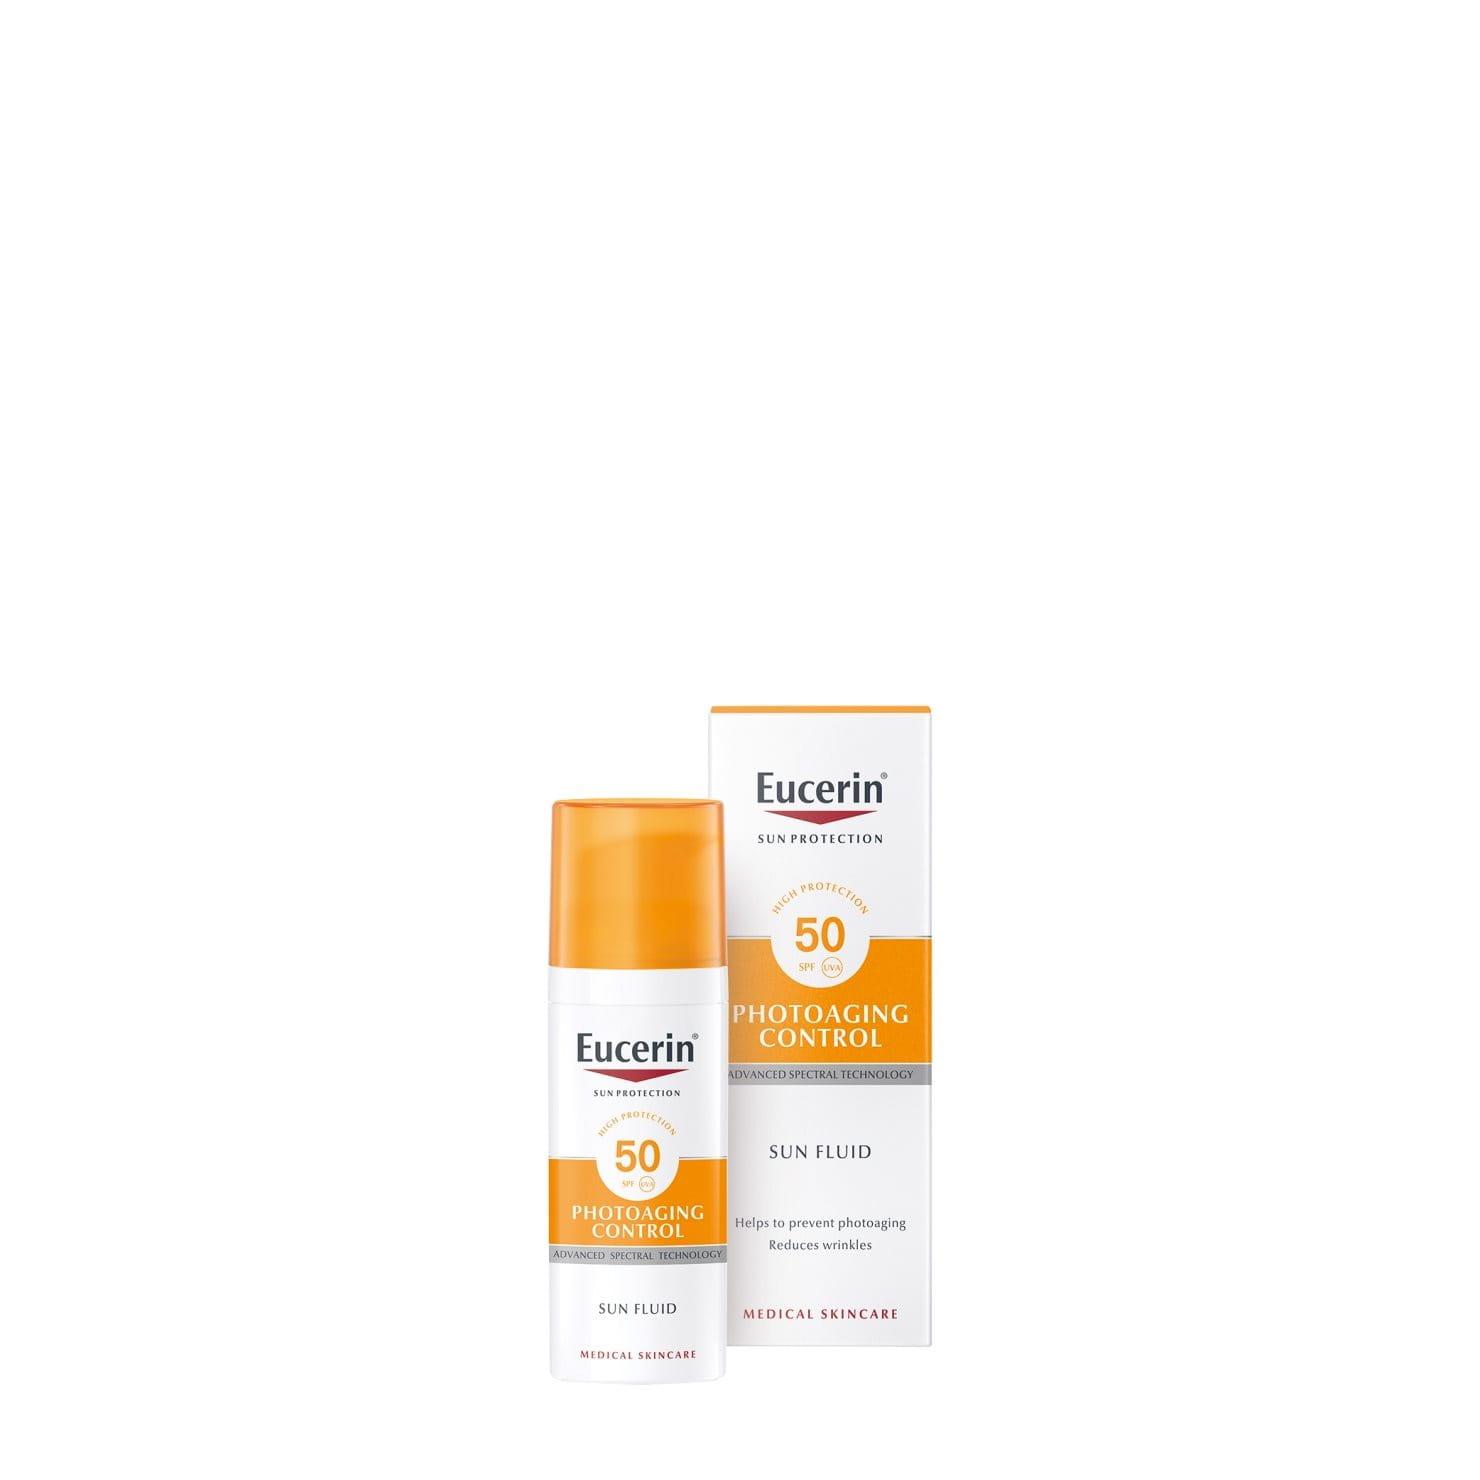 Eucerin Sun Fluid Photoaging Control SPF50